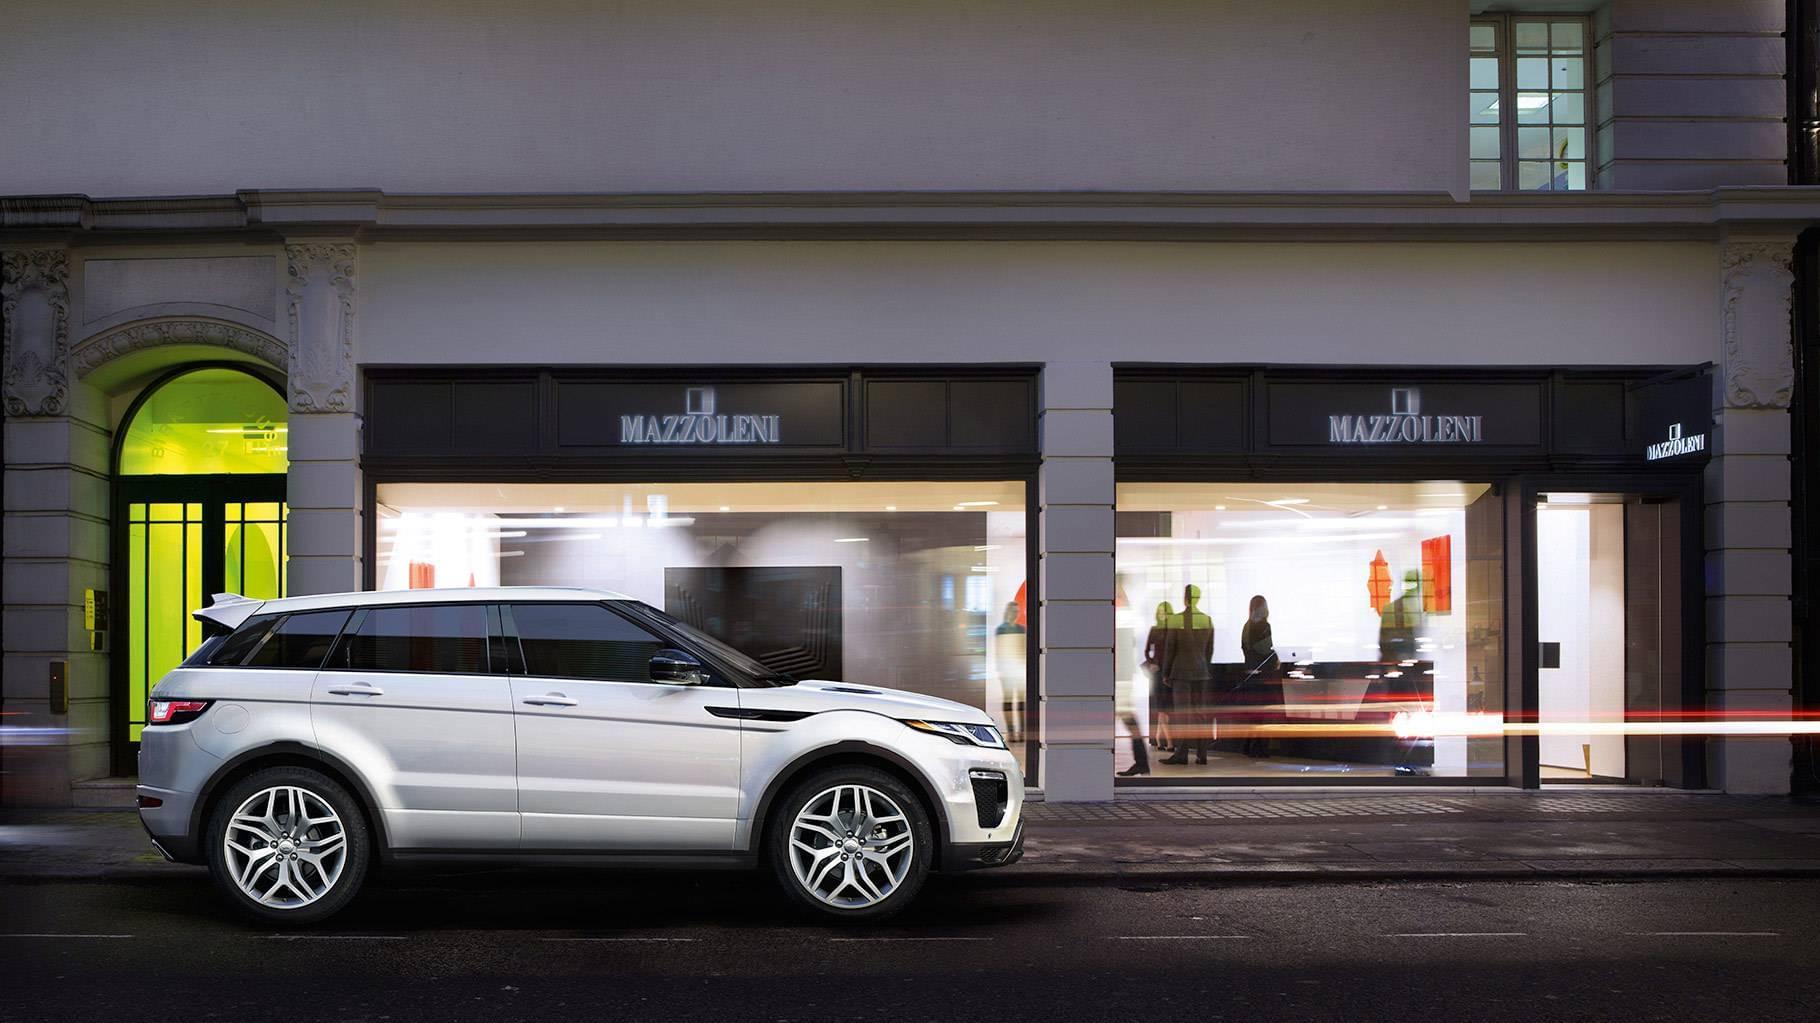 2017 Land Rover Range Rover Evoque Exterior profile